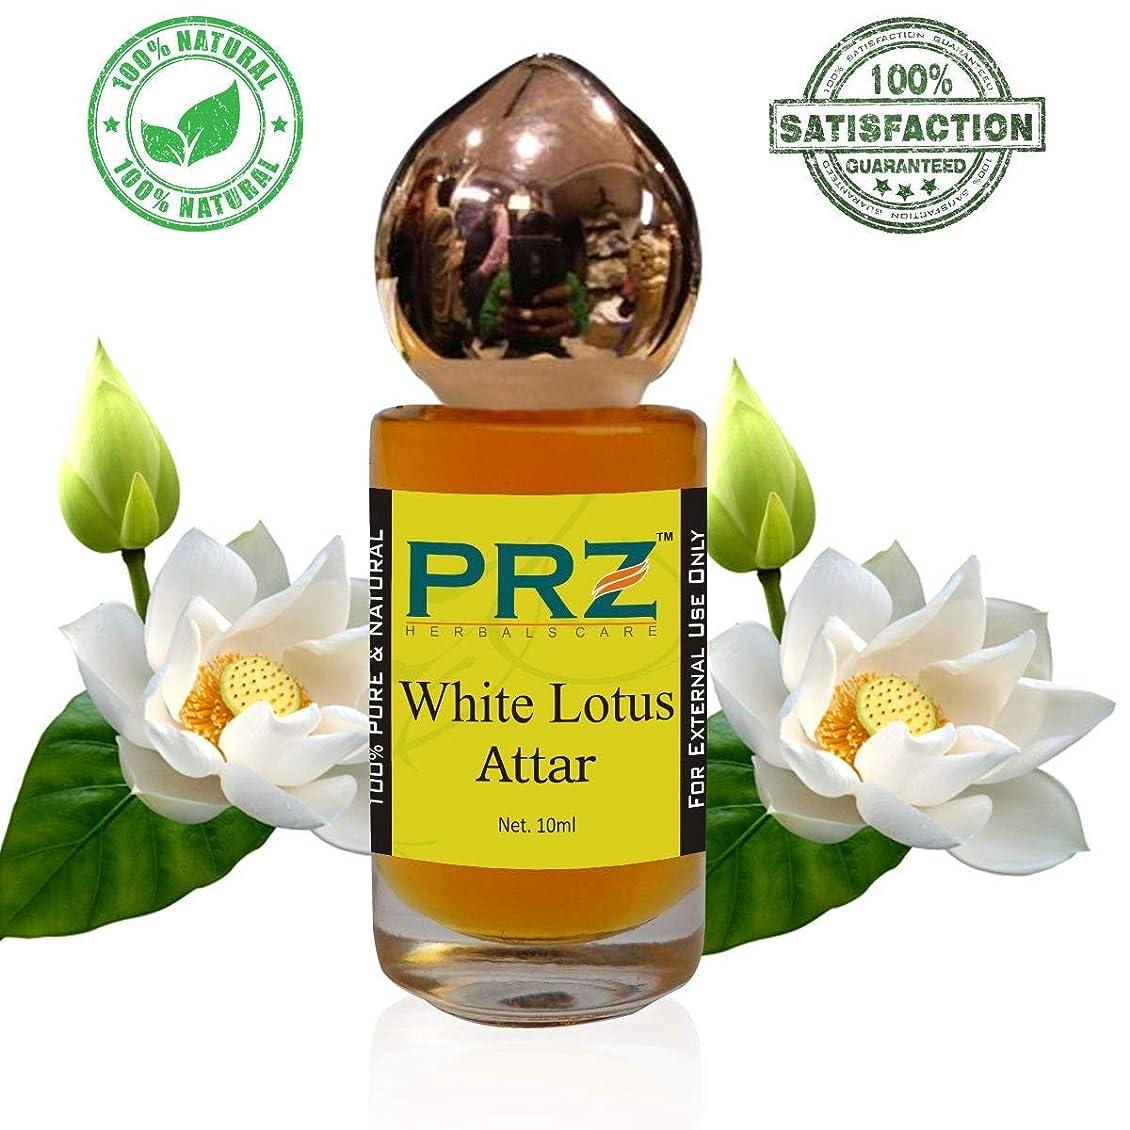 母甘味並外れてユニセックスのためにホワイトロータスアターロールオン(10 ML) - ピュアナチュラルプレミアム品質の香水(ノンアルコール) アターITRA最高品質の香水は、長期的なアタースプレー